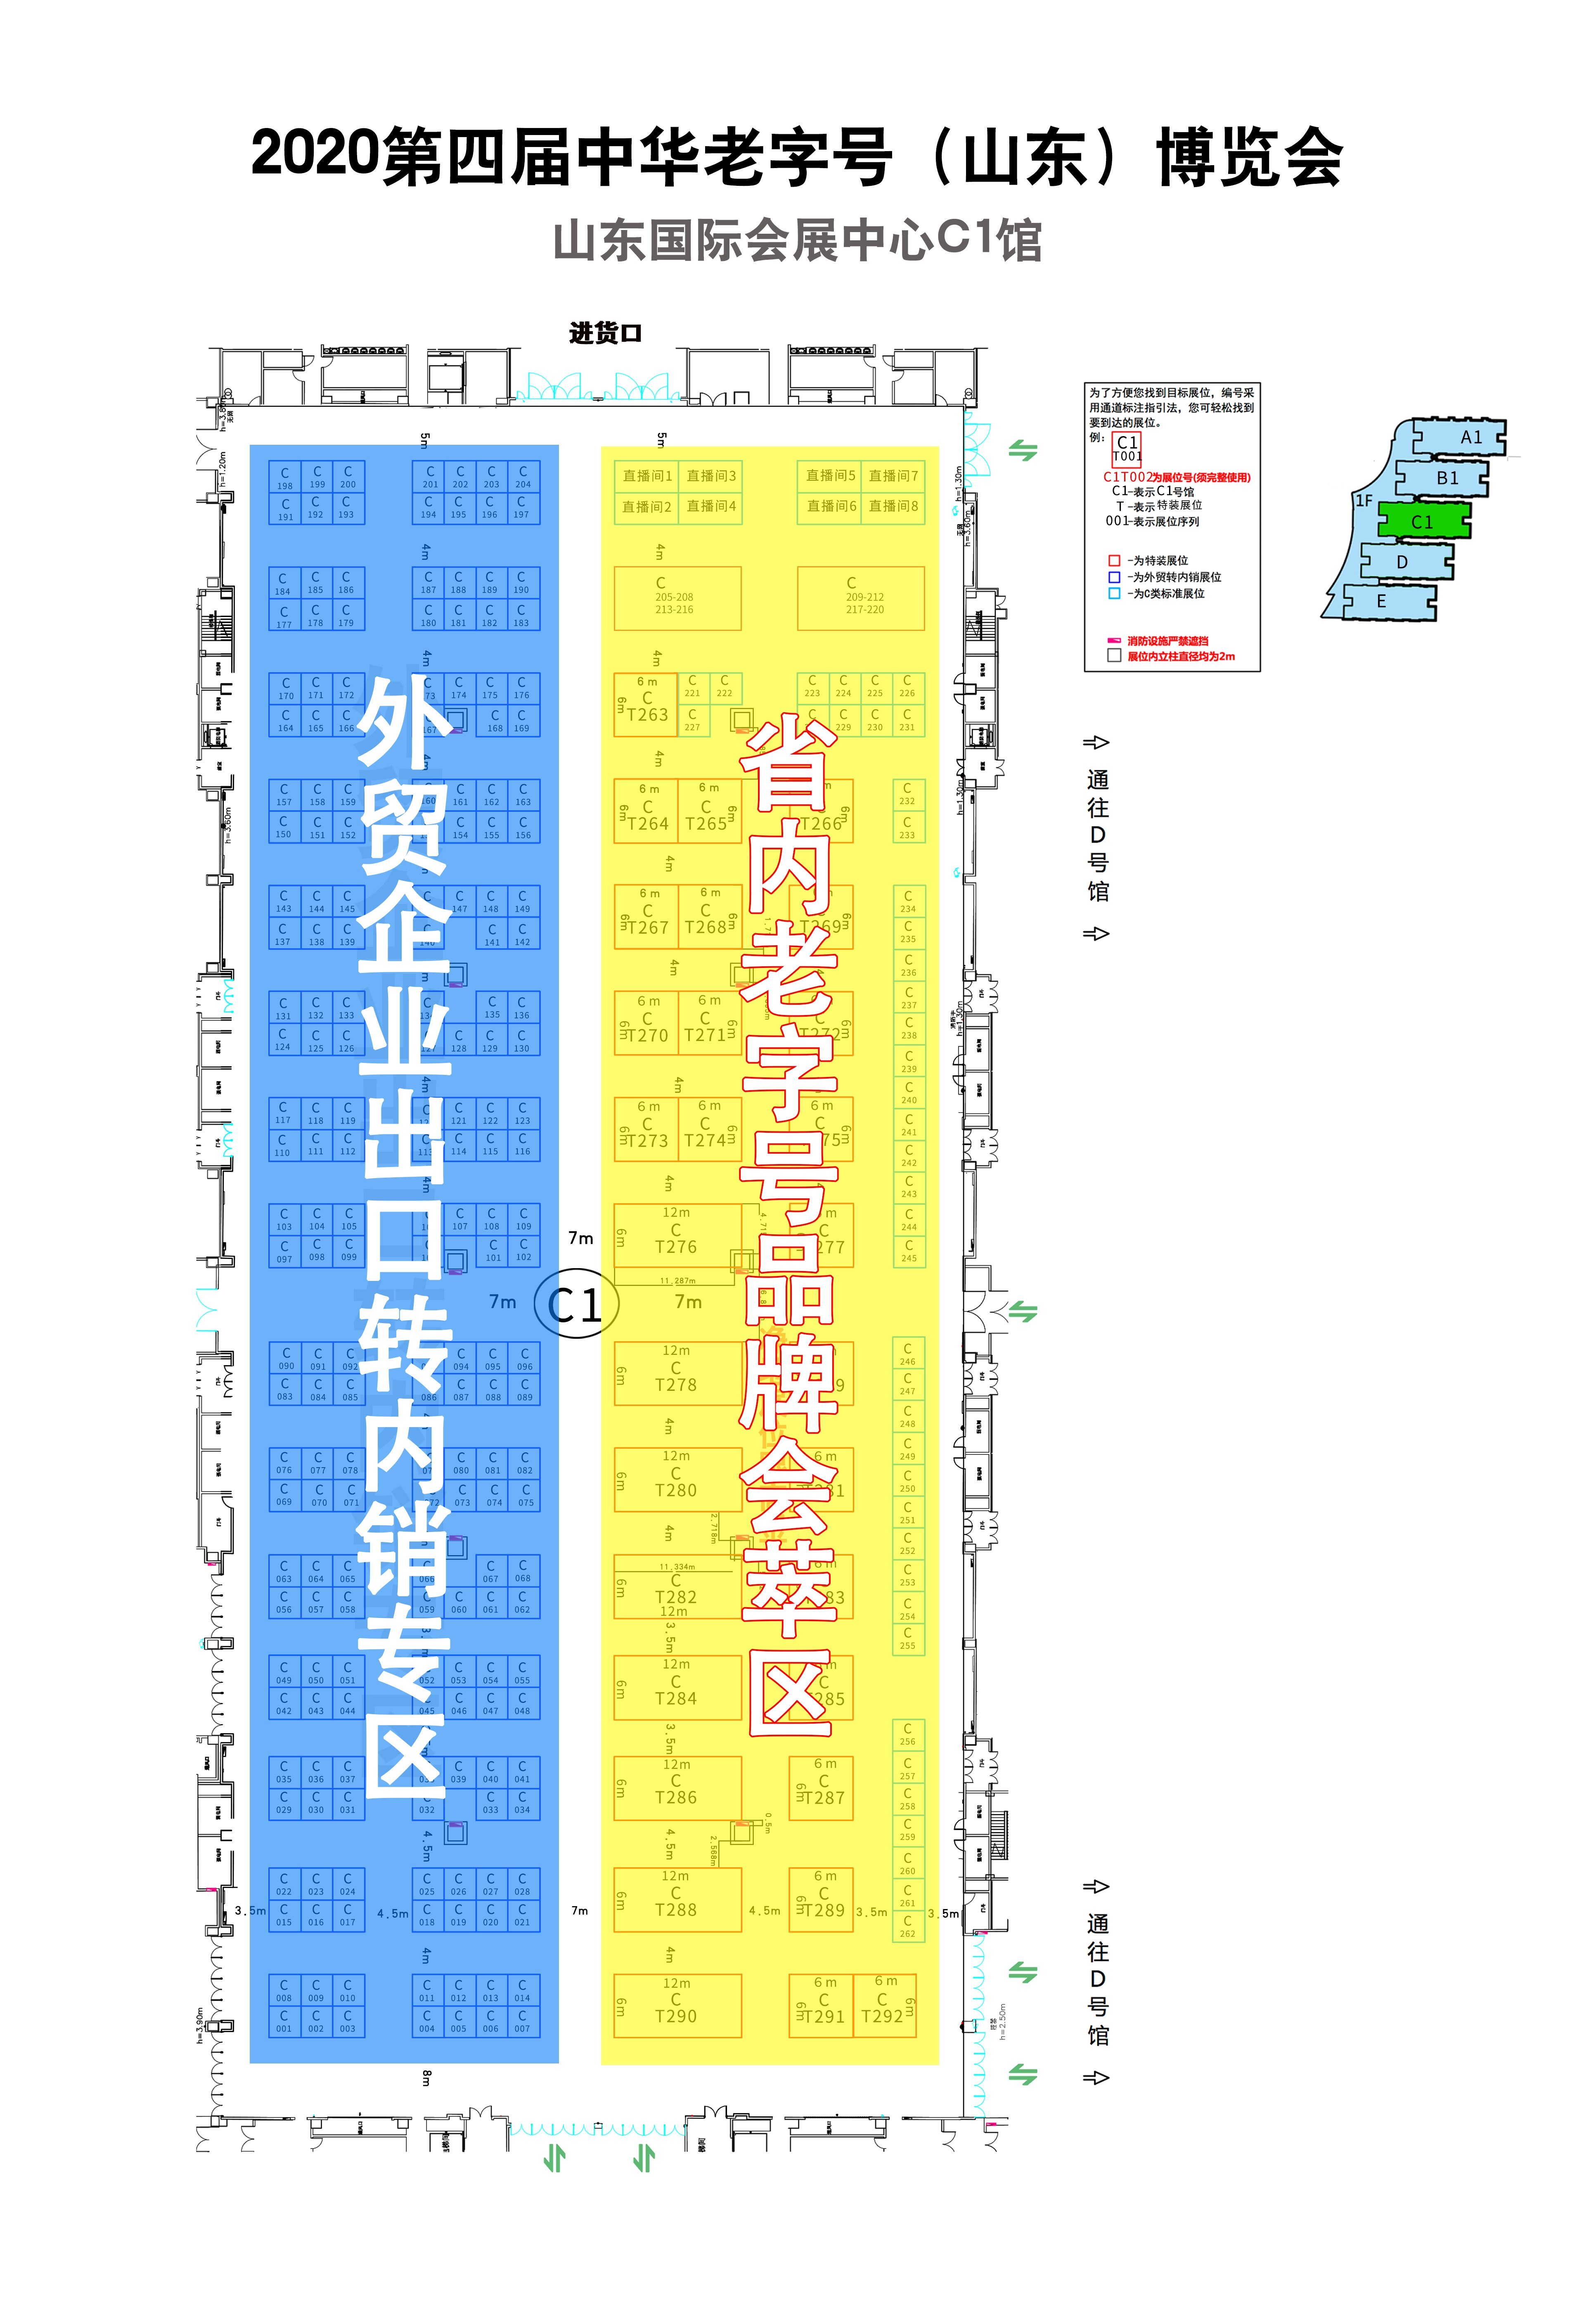 中华老字号博览会|山东老字号博览会|老字号博览会|第三届中华老字号博览会|济南老字号博览会